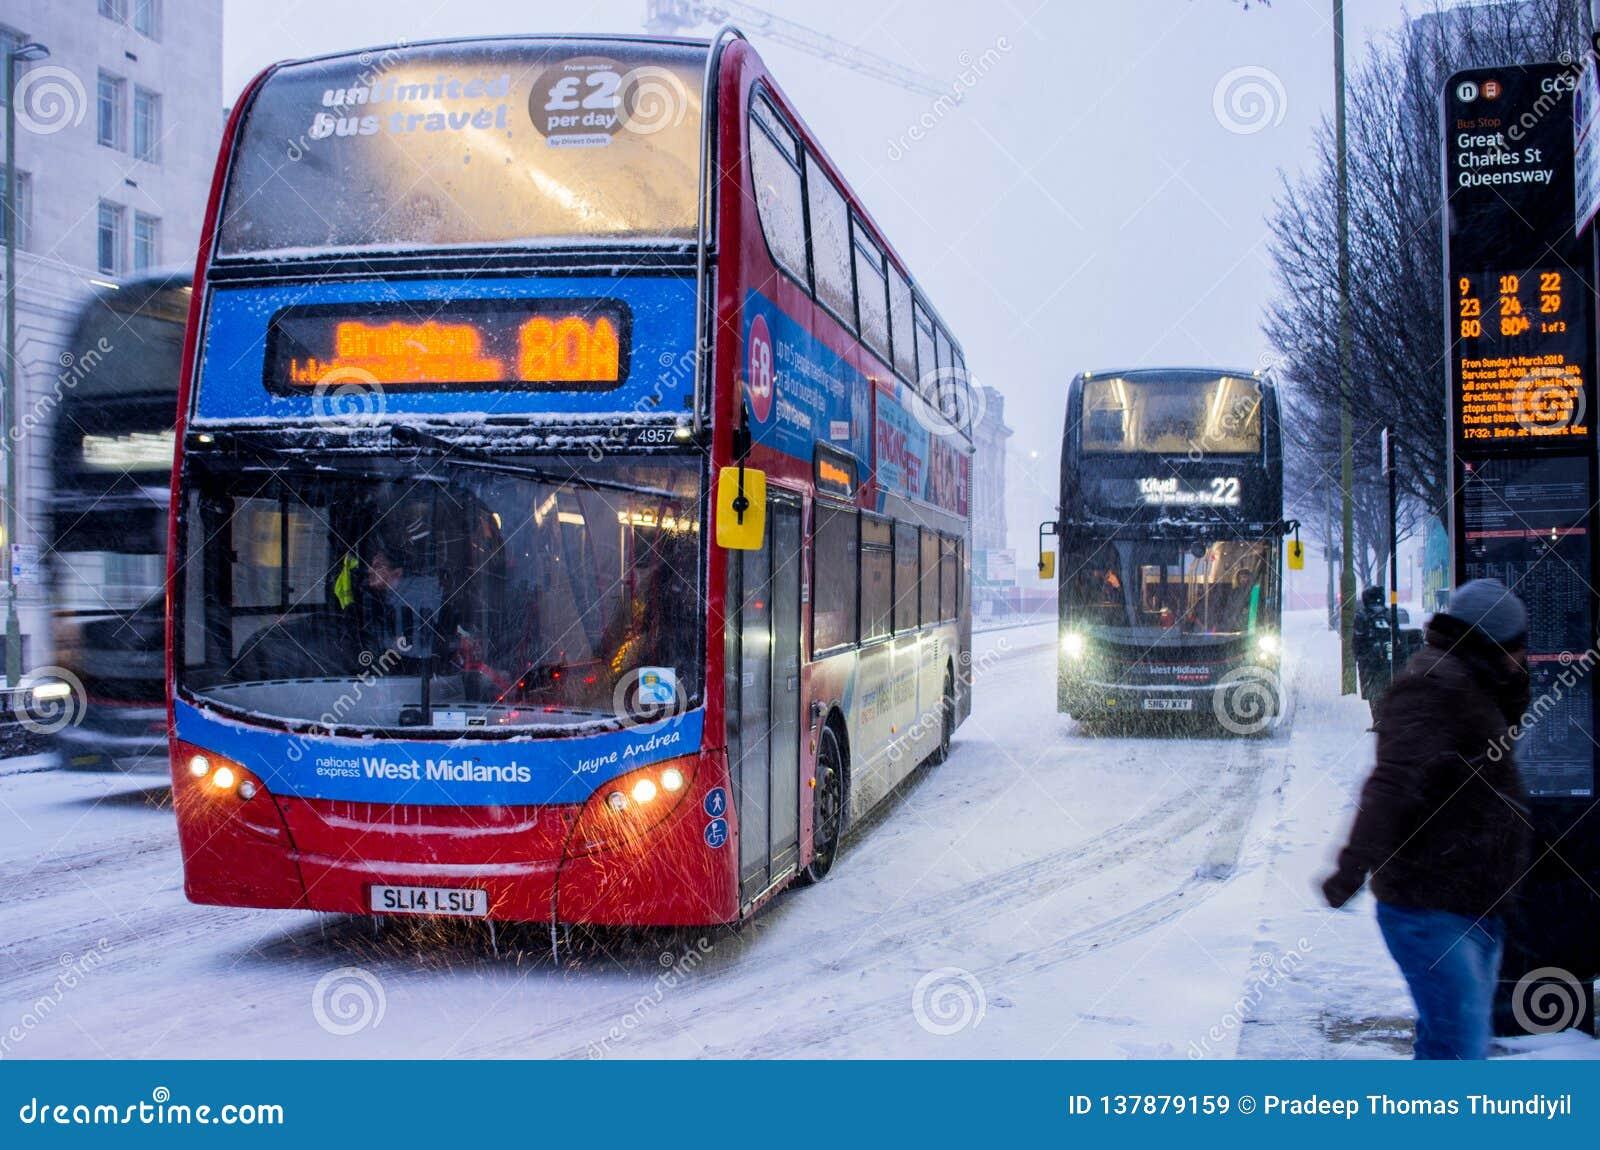 Heavy snow in Birmingham, United Kingdom